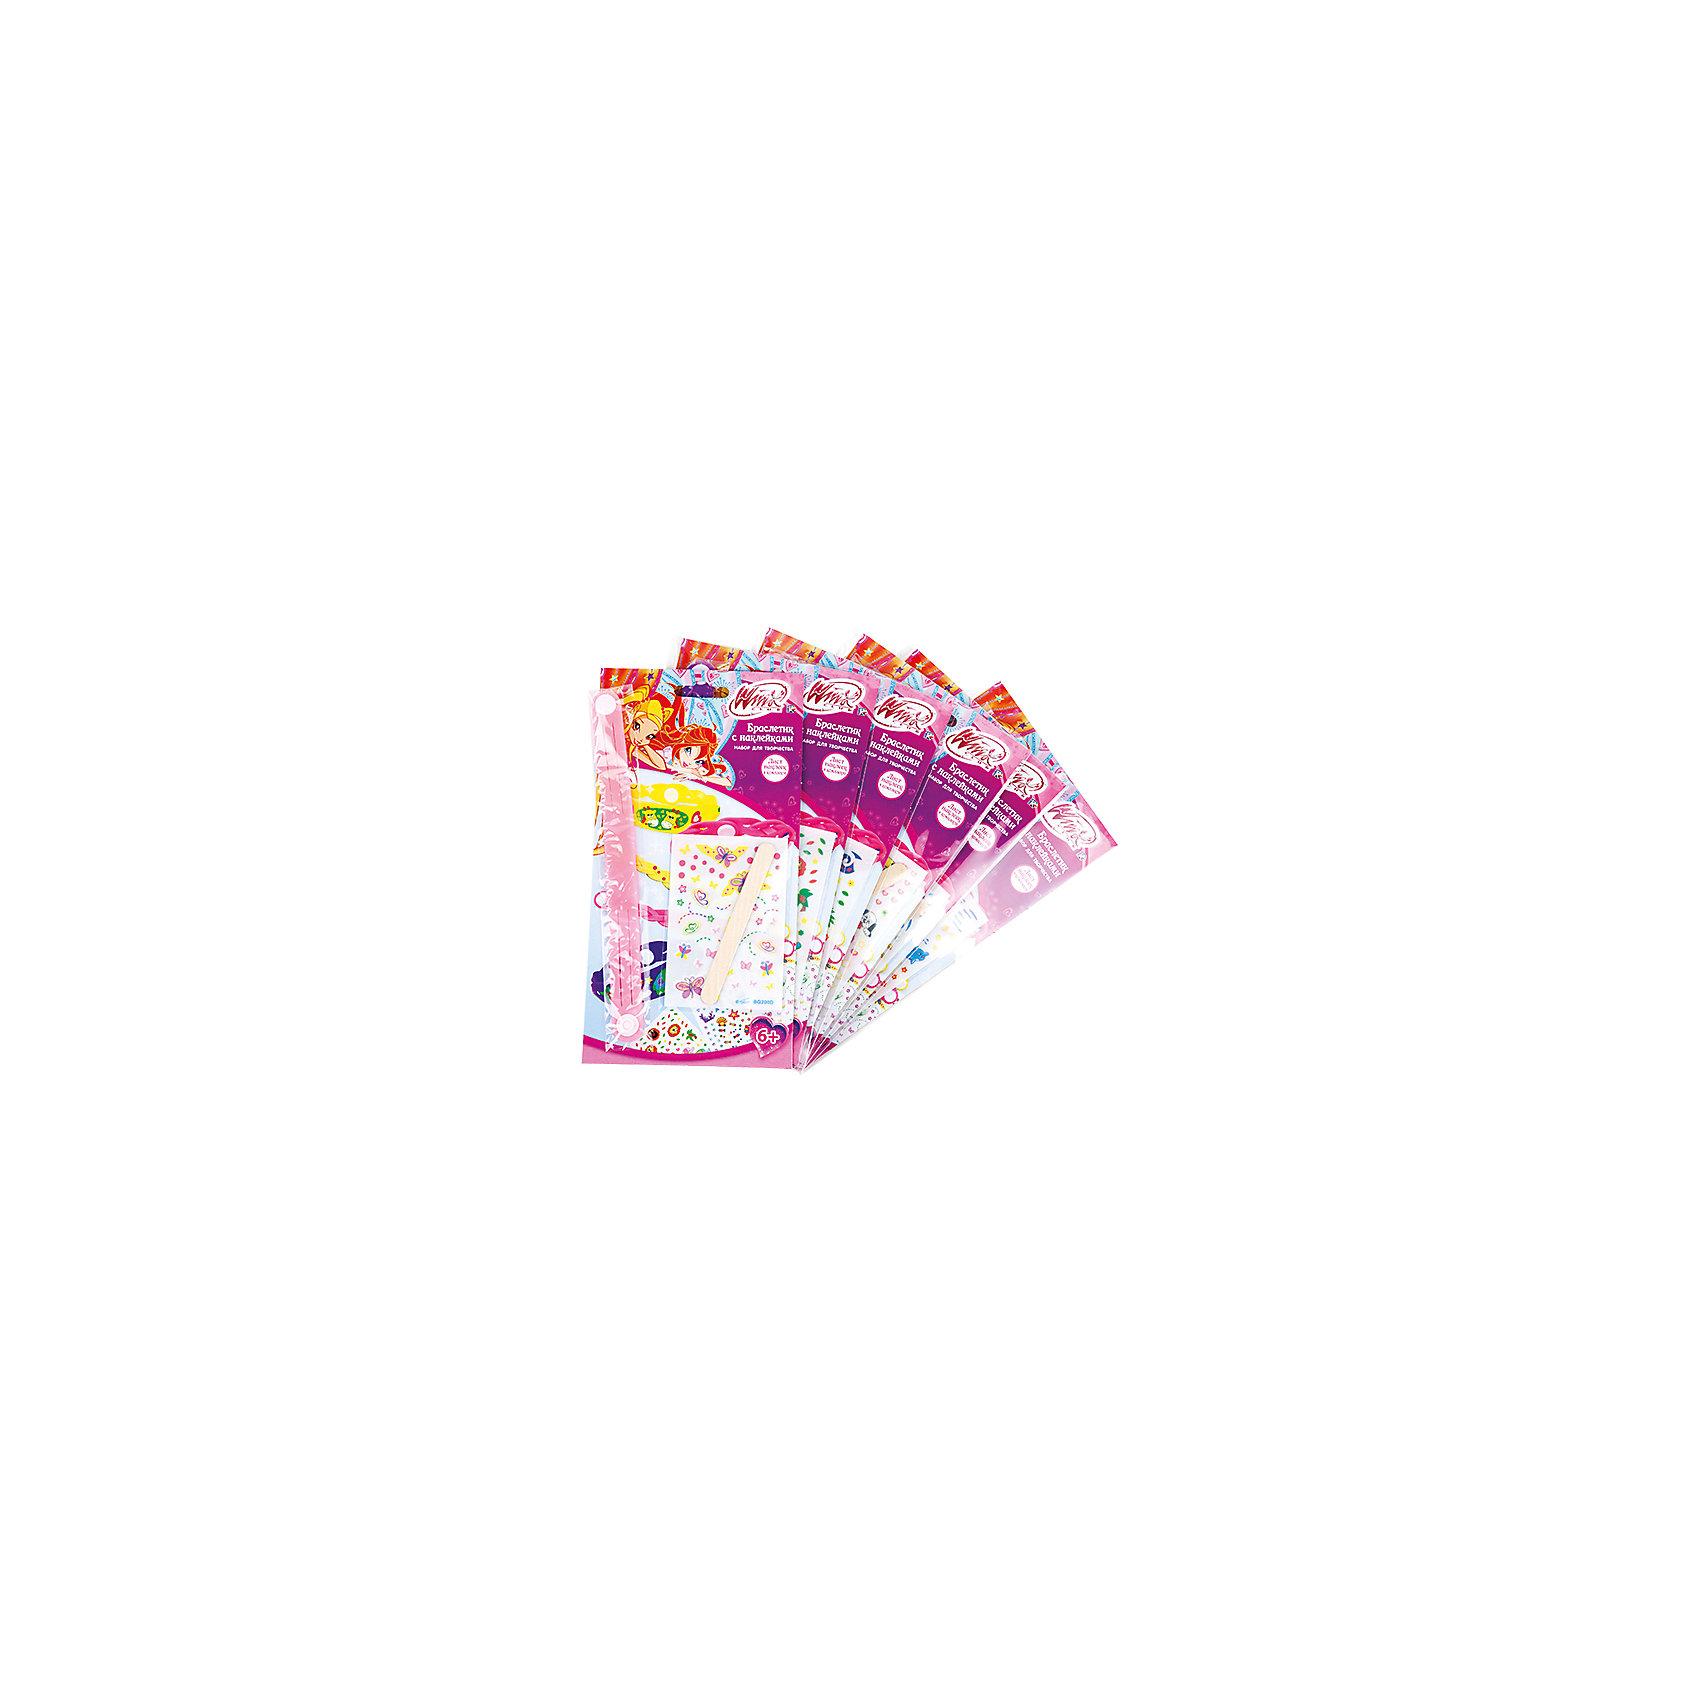 Набор Волшебные фенечки, Winx Club, в ассортиментеНабор Волшебные фенечки для девочек, любящих мультсериал с феями Винкс. С помощью специального прибора и разноцветных нитей, юная модница с легкостью создаст украшения на свой вкусом, которыми приятно будет похвастаться перед подружками.<br>Дополнительная информация:<br>-в наборе: нити разных цветов, прибор для плетения<br>Сказочный персонаж: Winx Club<br>-вес: 210 грамм<br>-размер упаковки: 2621x4 см<br>Набор Волшебные фенечки Winx Club можно приобрести в нашем интернет-магазине.<br><br>Ширина мм: 40<br>Глубина мм: 210<br>Высота мм: 260<br>Вес г: 210<br>Возраст от месяцев: 72<br>Возраст до месяцев: 108<br>Пол: Женский<br>Возраст: Детский<br>SKU: 4915438